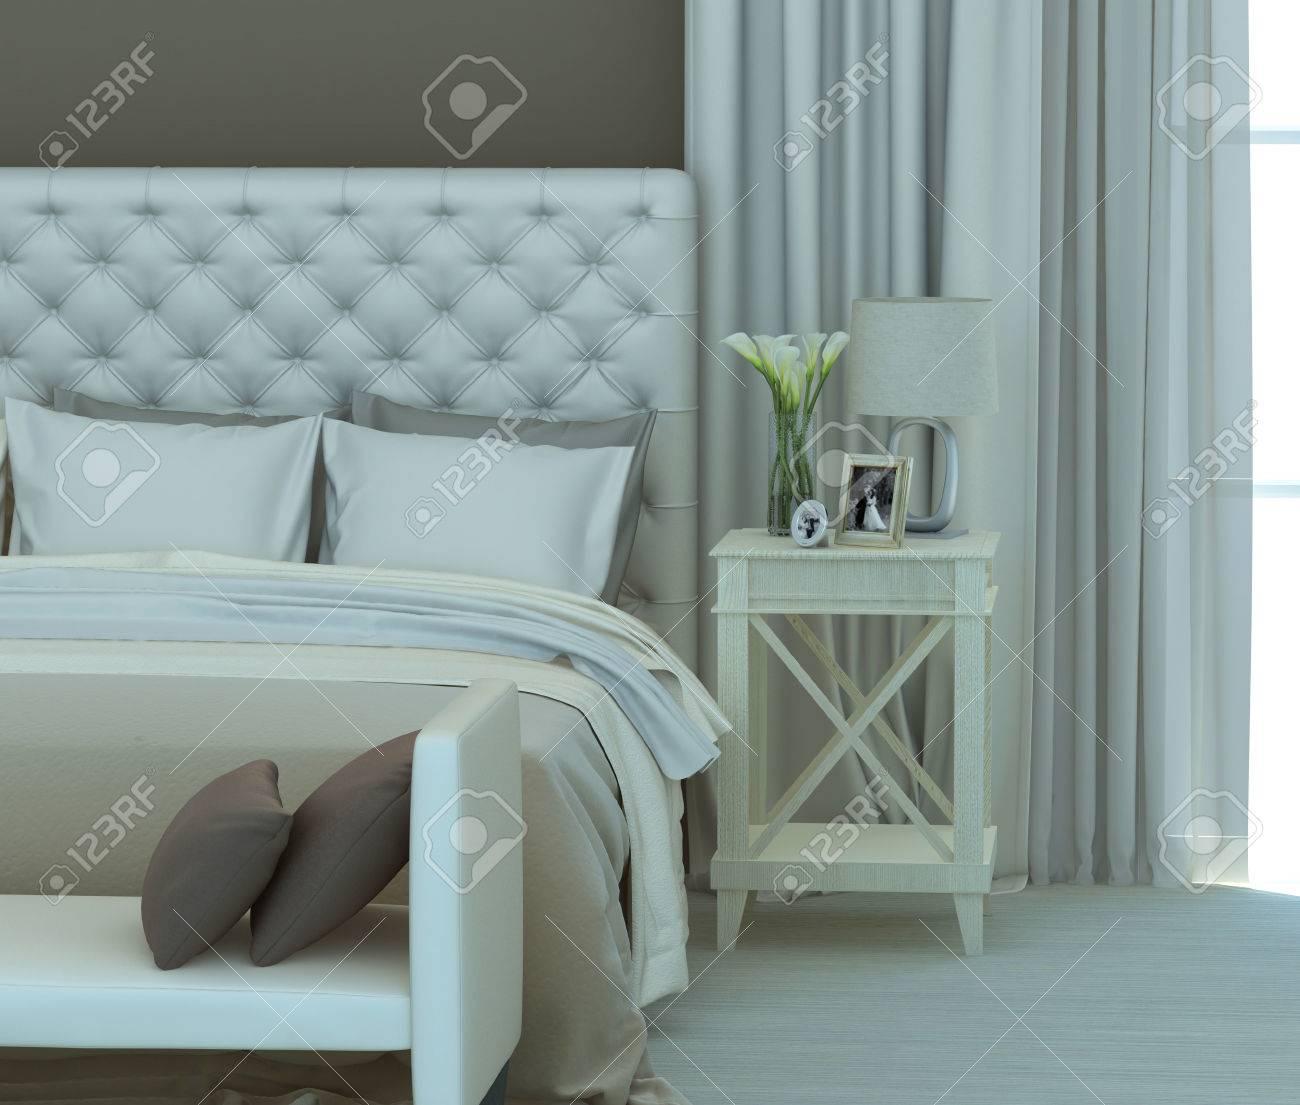 Couleurs beige et blanc dans l\'intérieur de la chambre. Rendu 3D